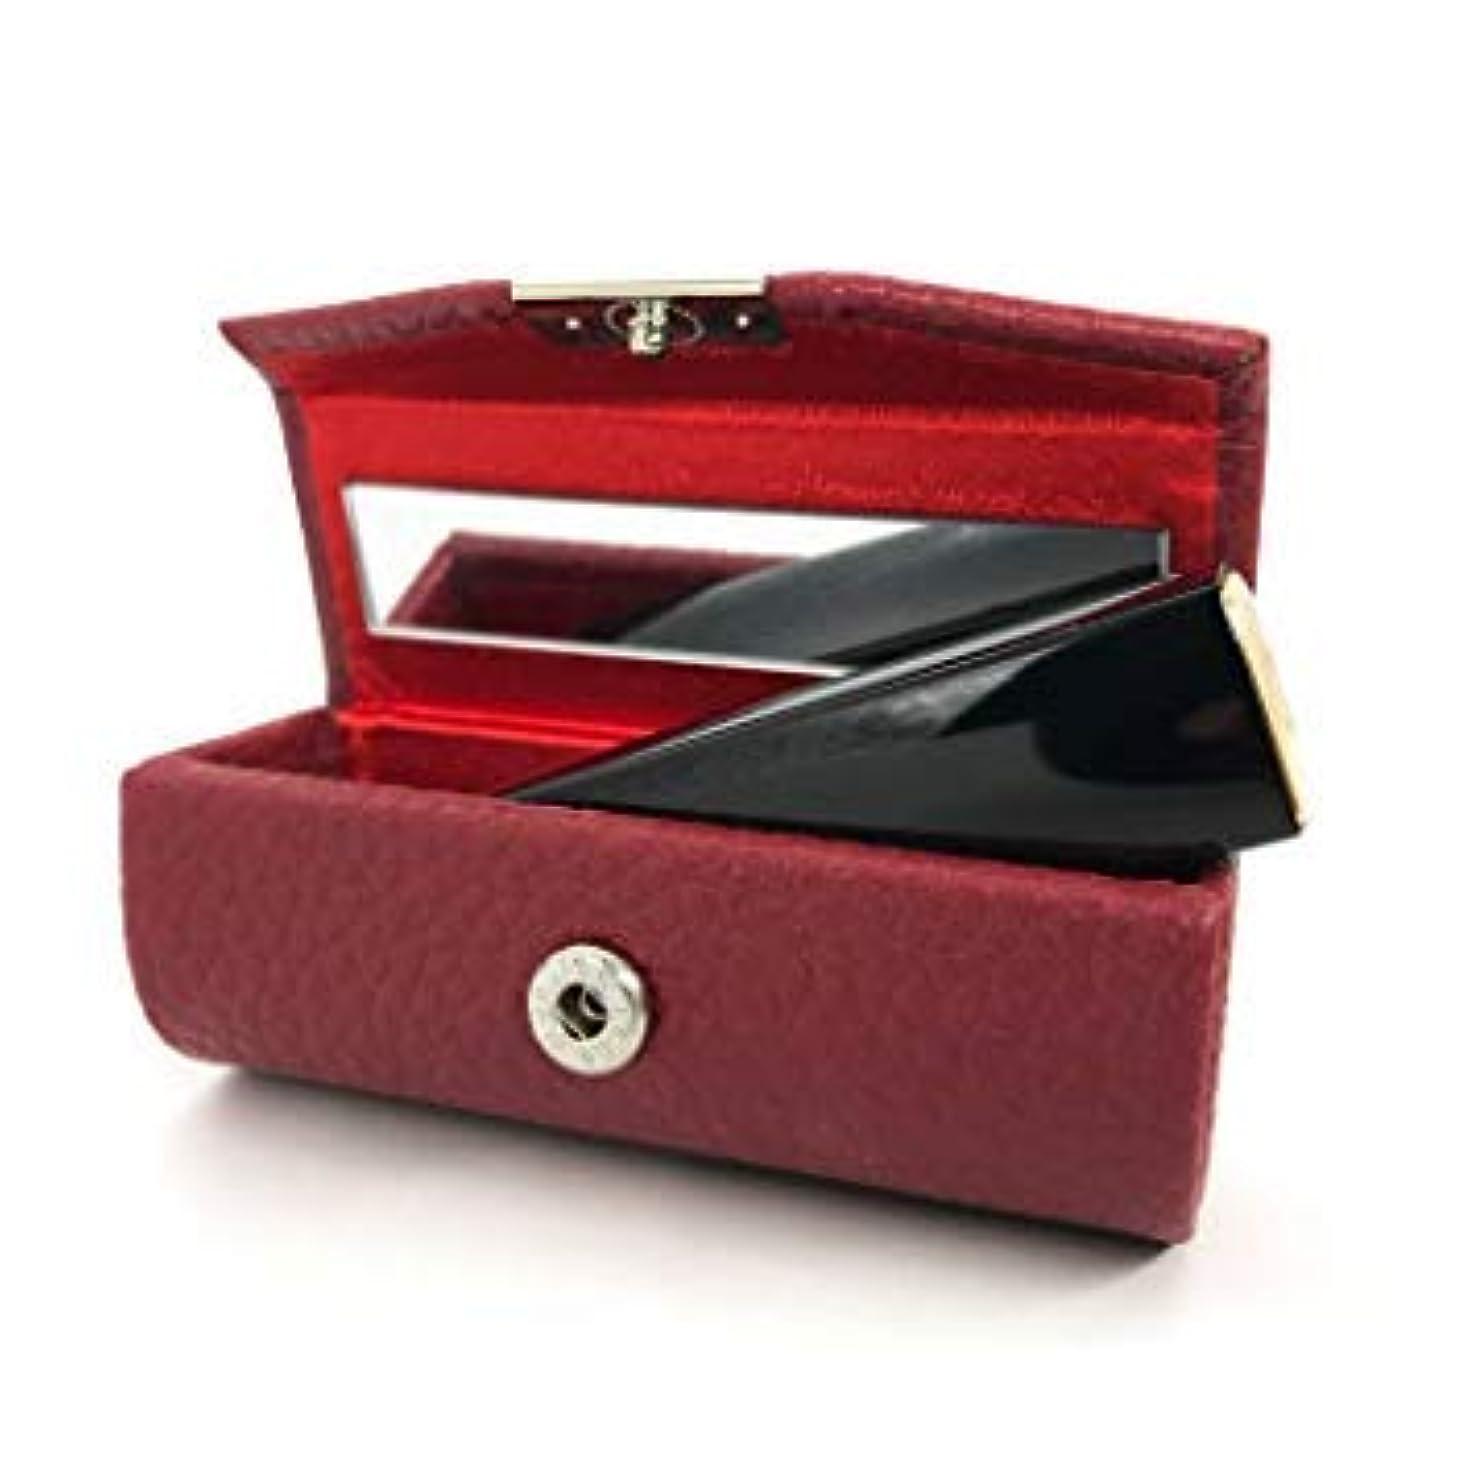 日没蒸留ルーチン口紅ホルダー 収納ボックス リップスティックケース レザー ミラー付き